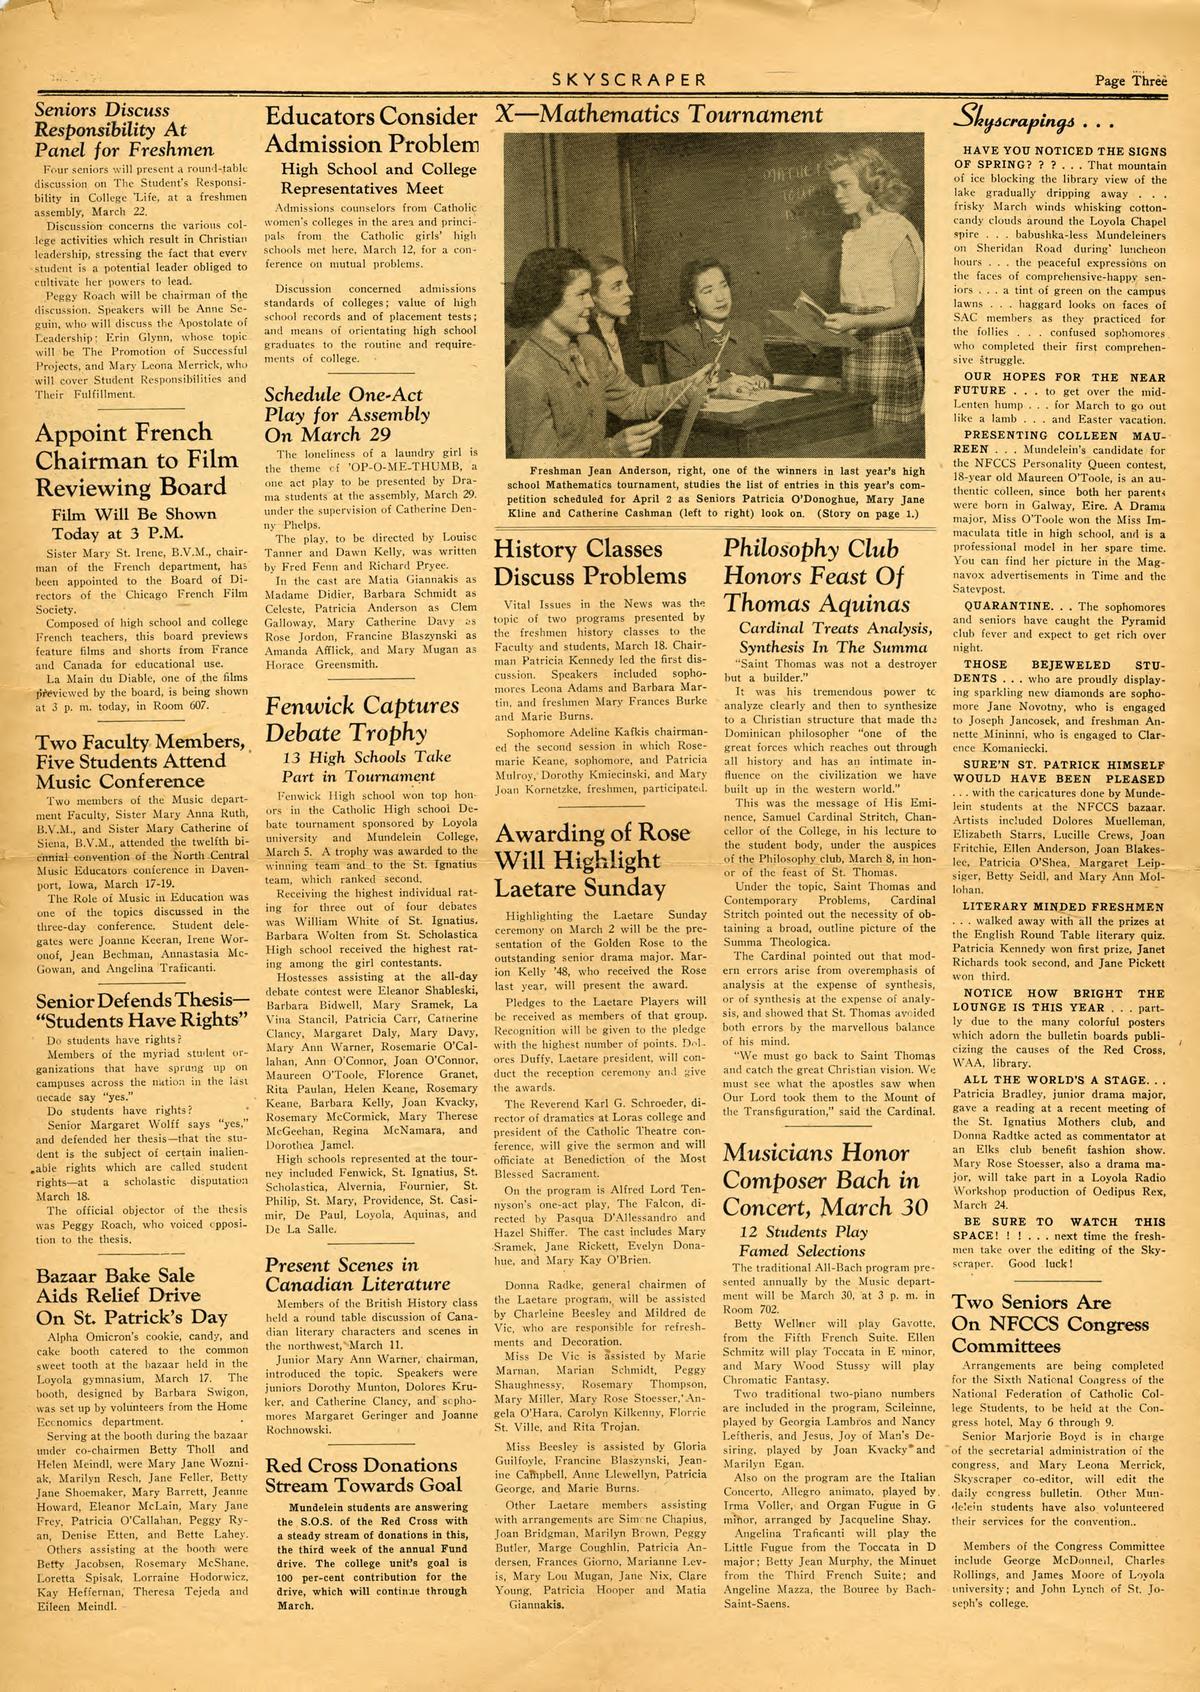 Skyscraper 1949-03-21